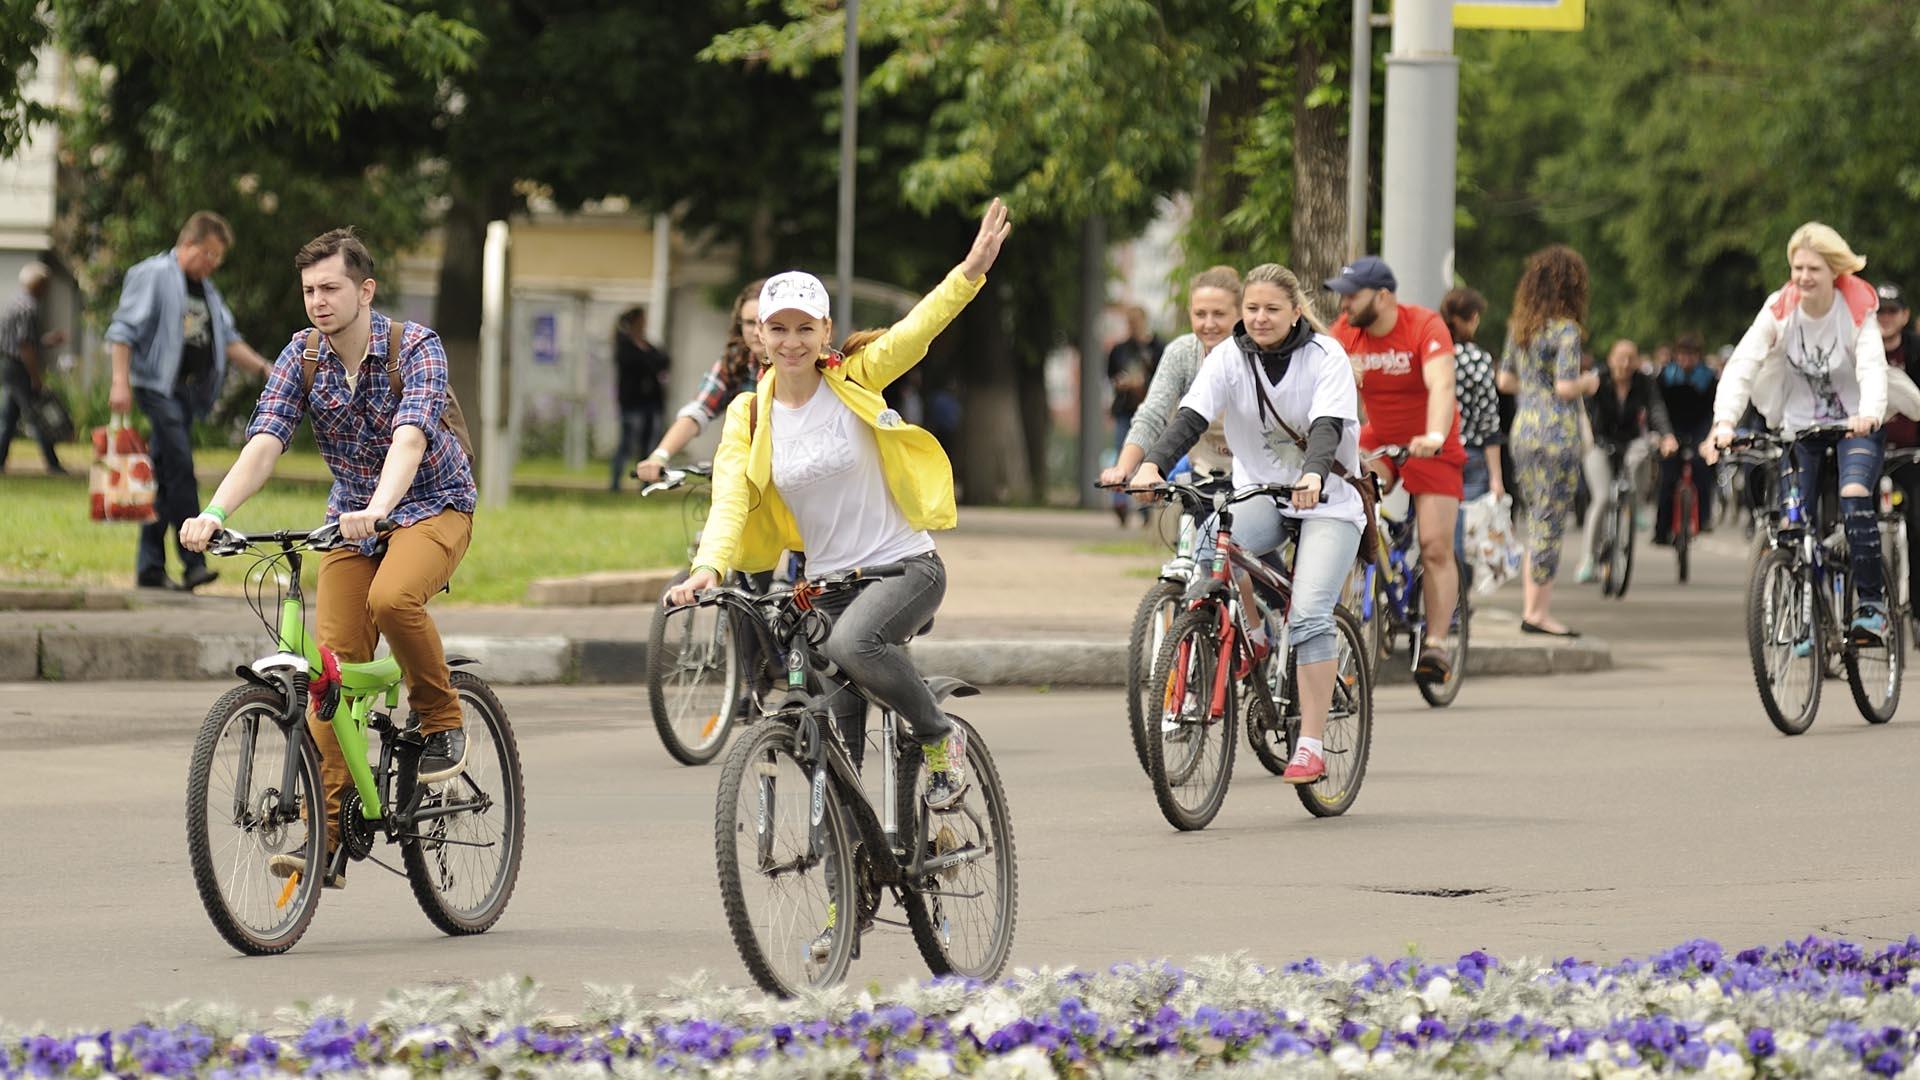 La nación europea construirá la ciclovía más larga del mundo